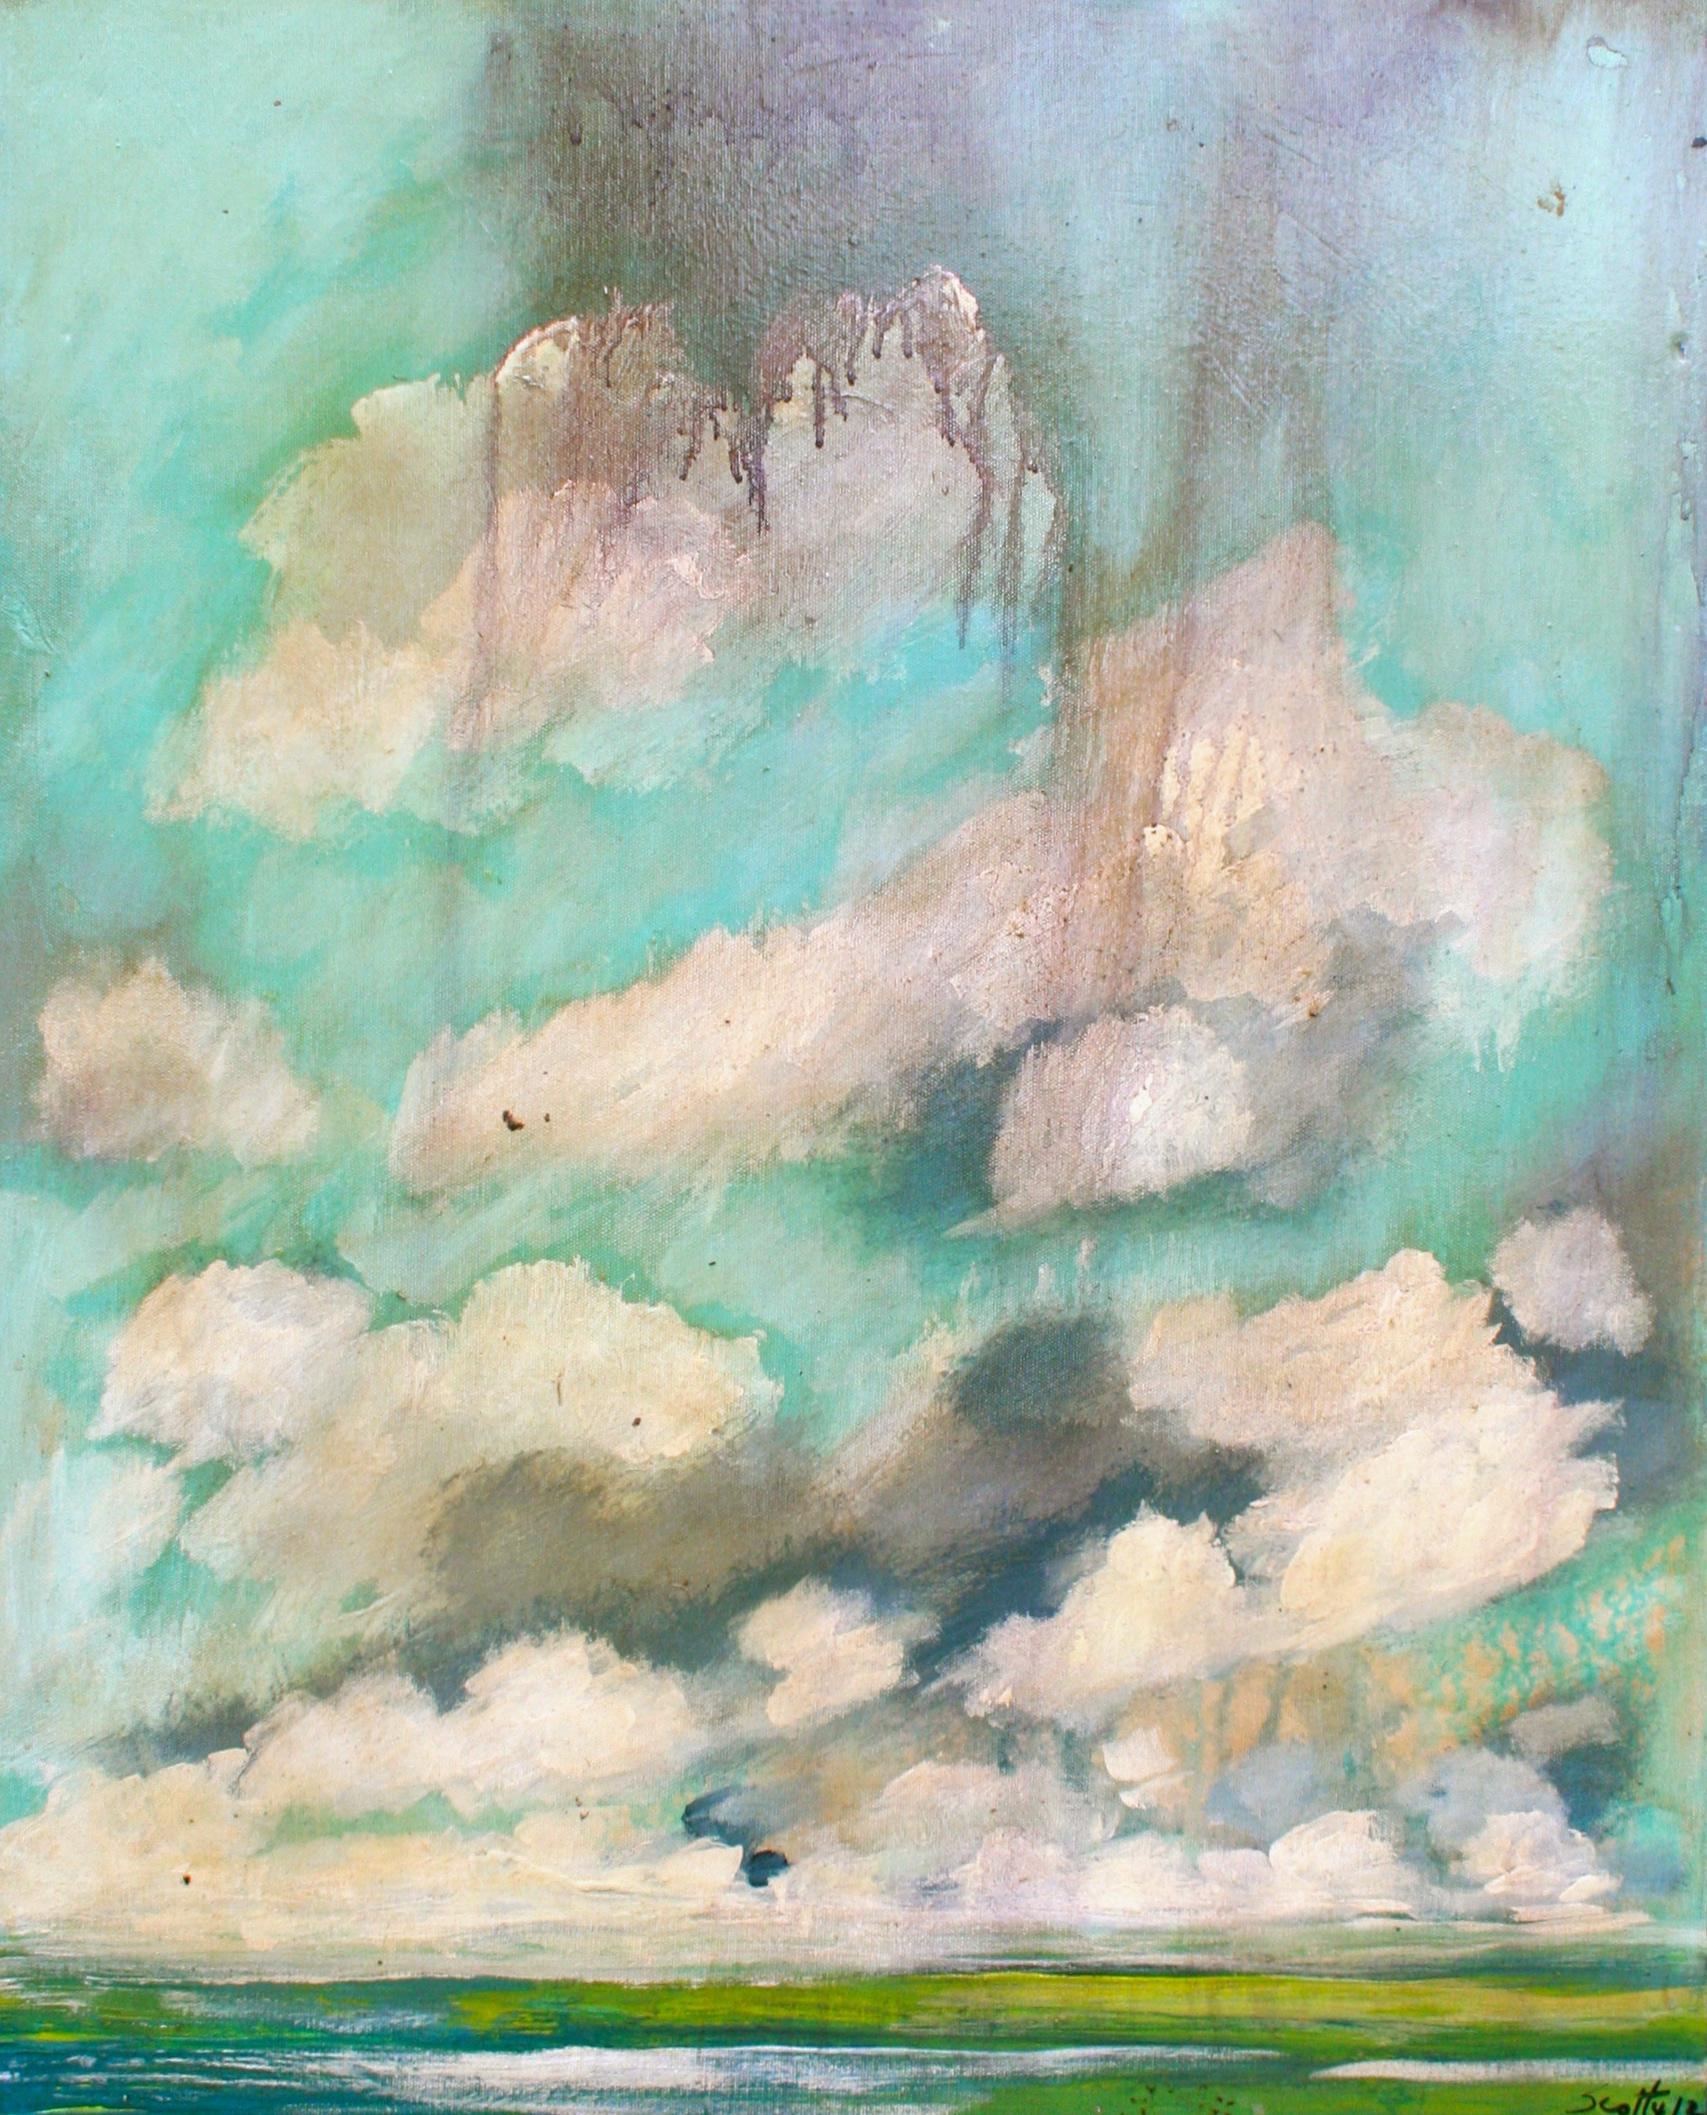 SKY #13